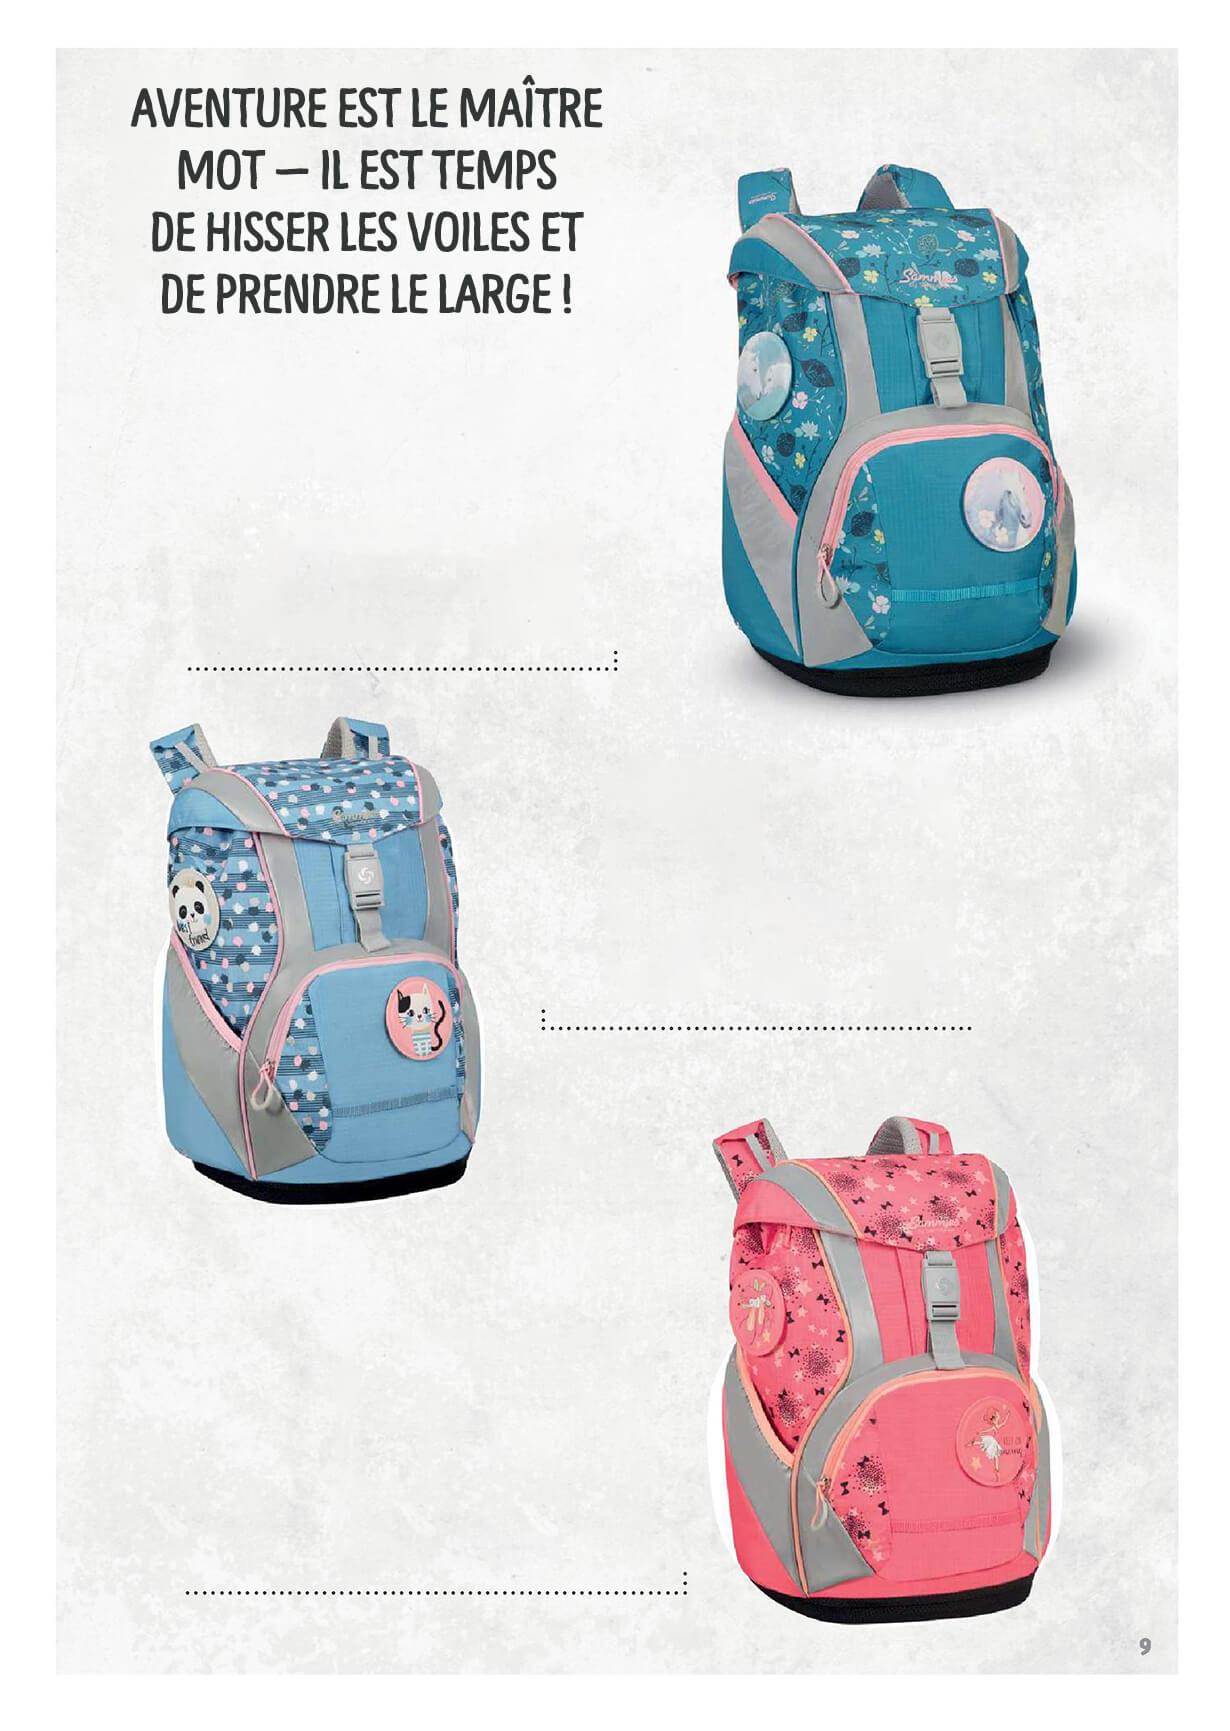 Chaque sac est unique comme chaque enfant qui le porte - Aventure est le maître mot – il est temps de hisser les voiles et de prendre le large !